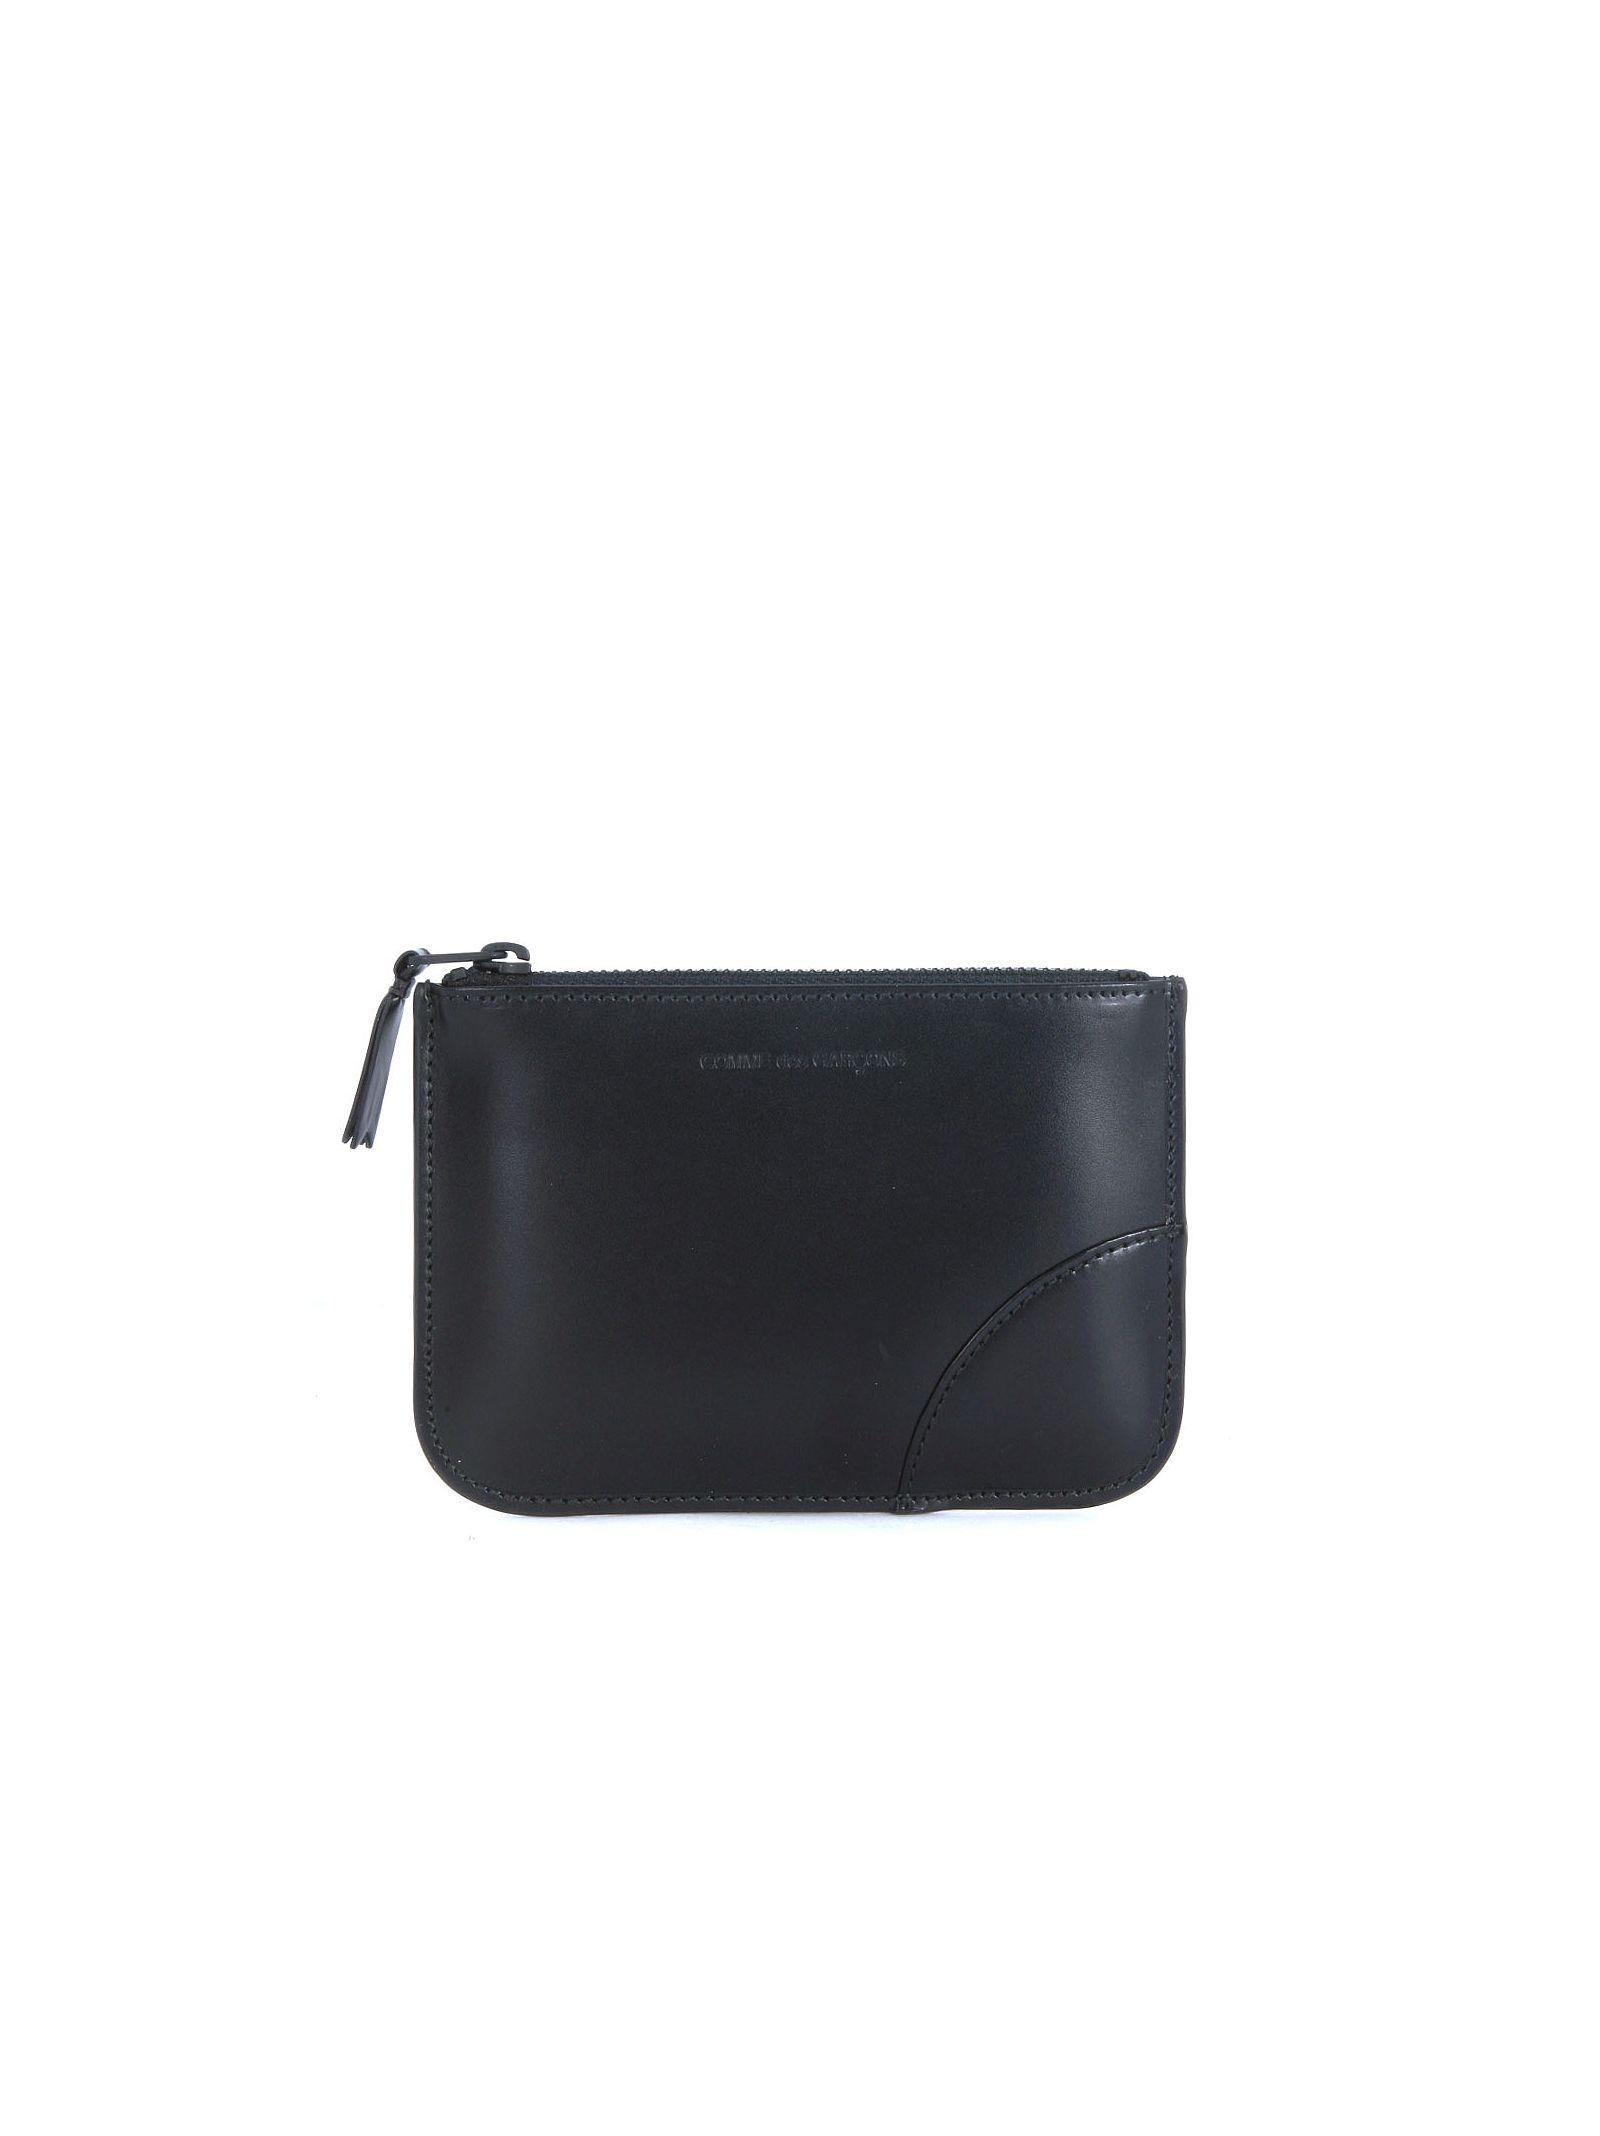 Comme Des Garçons Black Calf Leather Purse